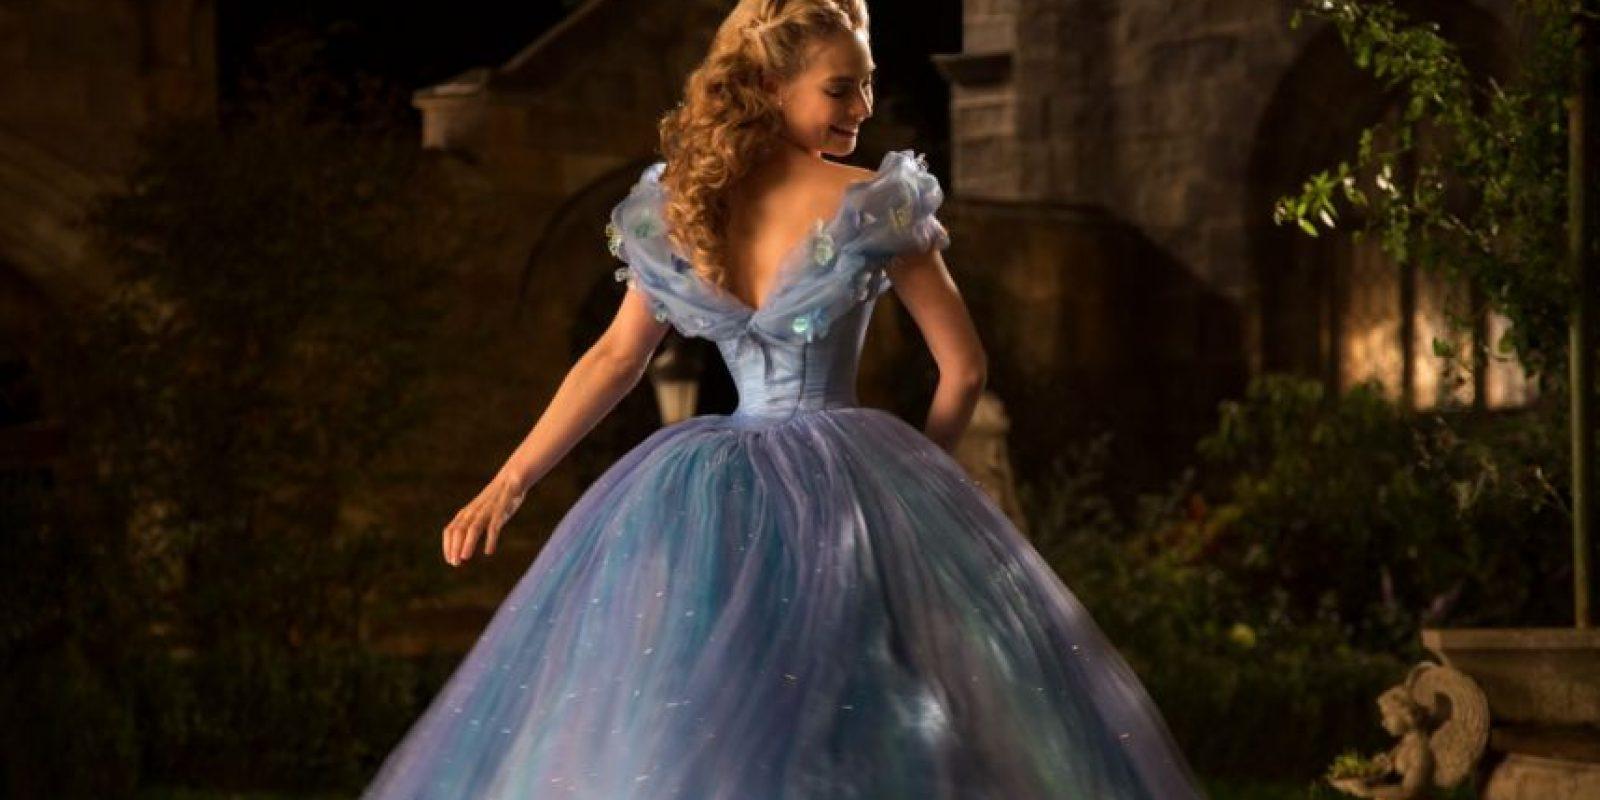 Afirmó que la amplitud de la falda la hacía ver con cintura más pequeña. Foto:Disney